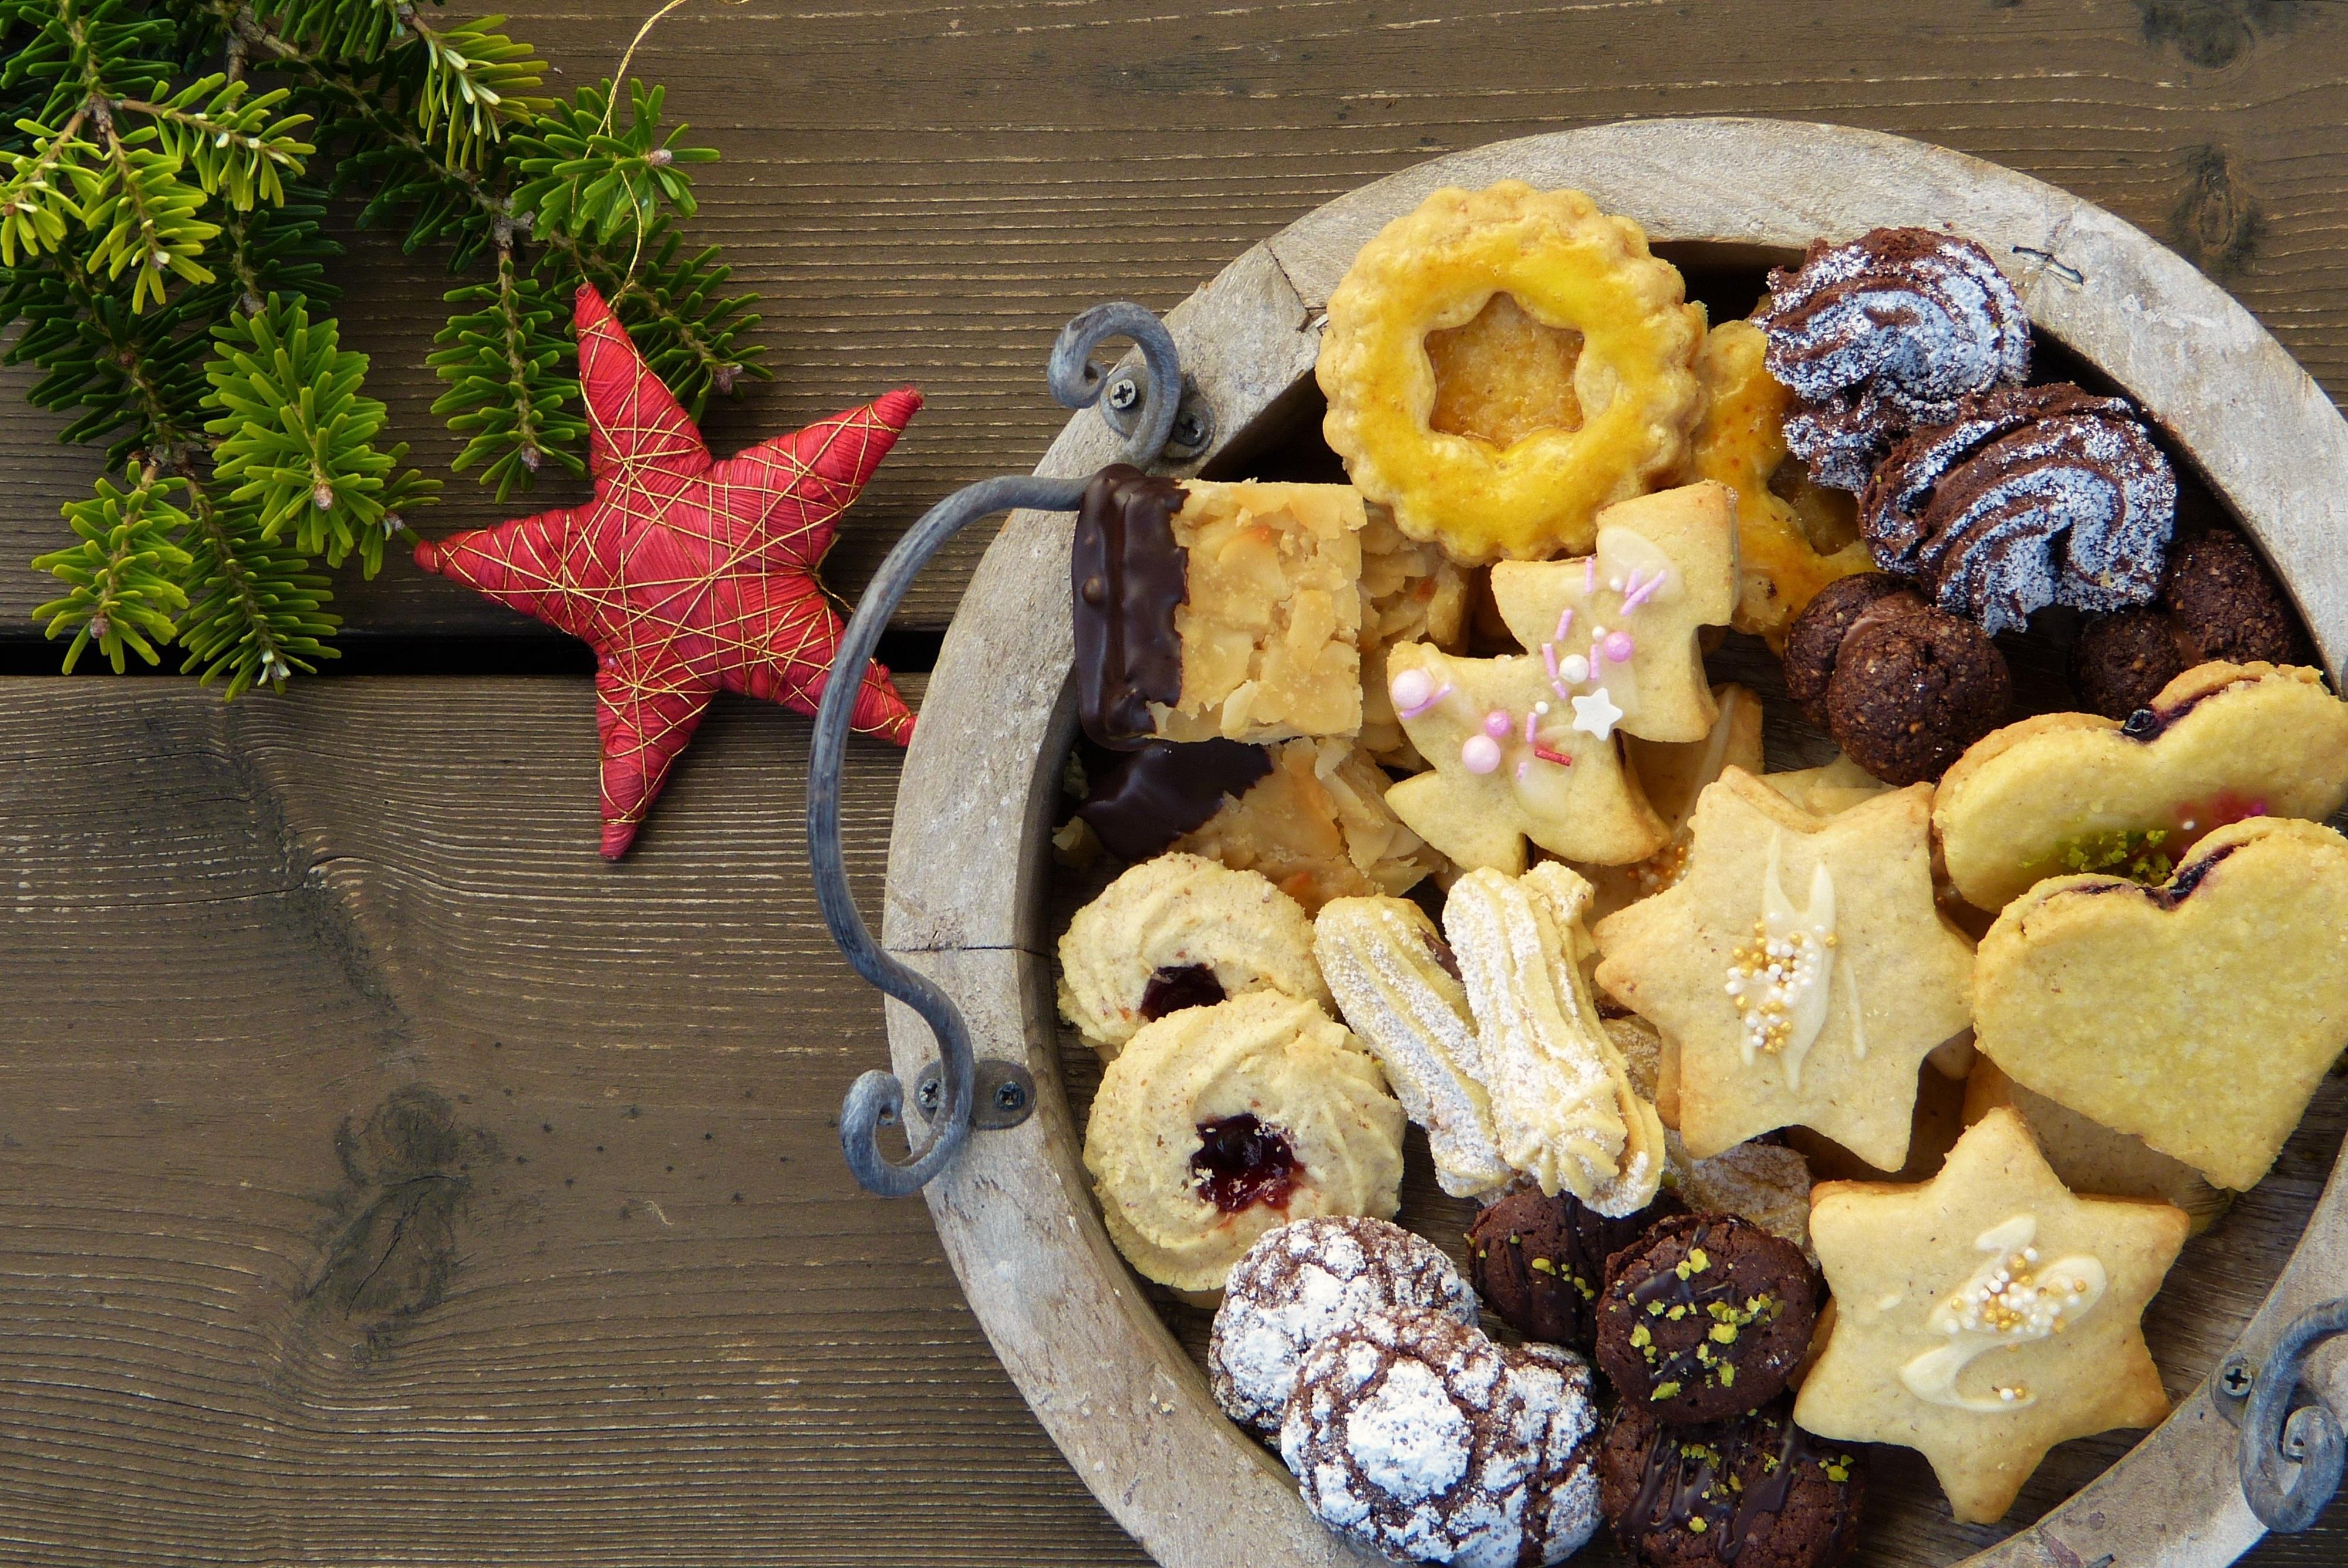 christmas-cookies-2975570.jpg